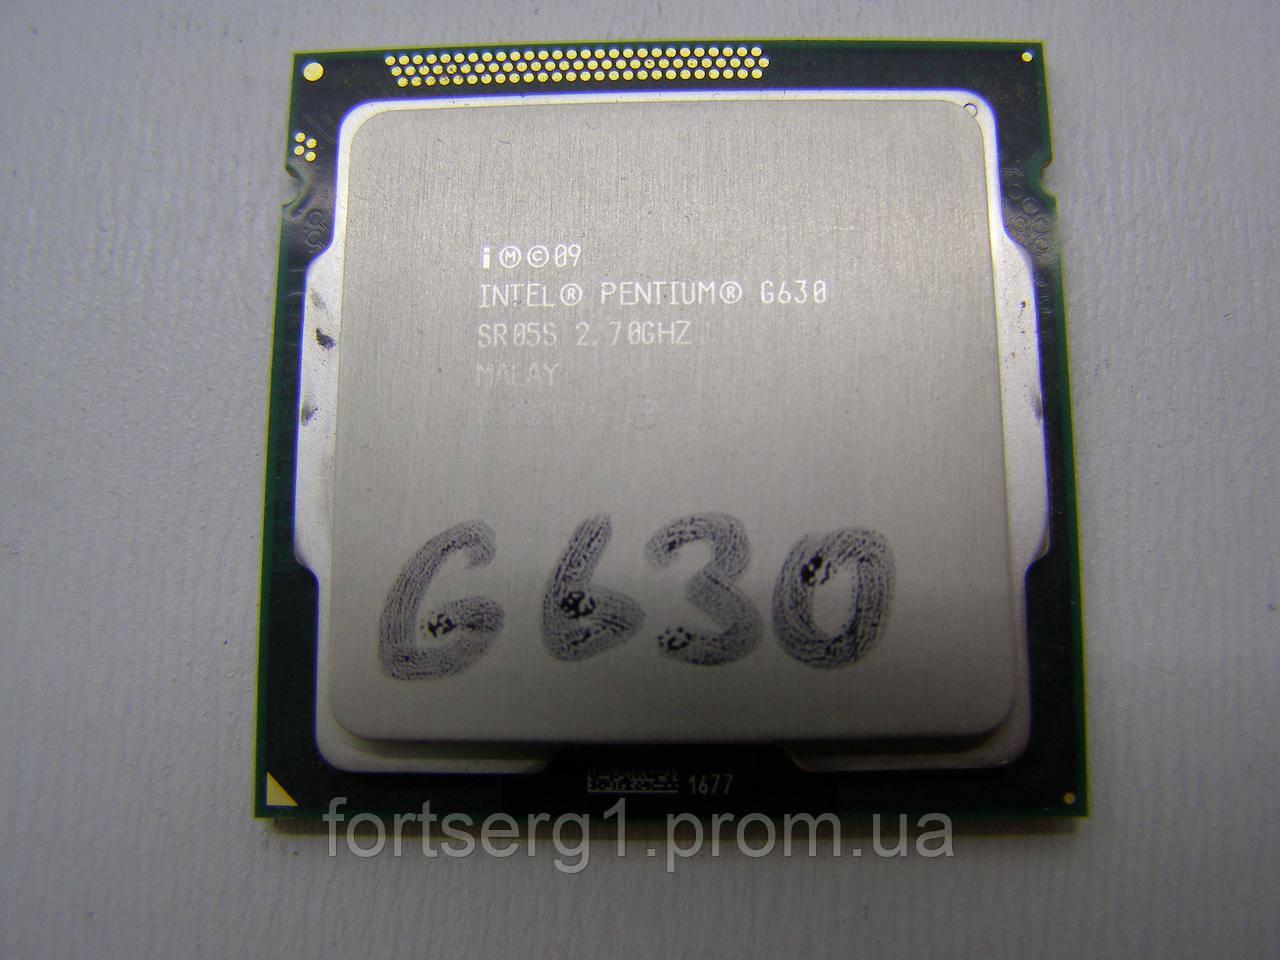 INTEL PENTIUM CPU G630 WINDOWS 10 DRIVER